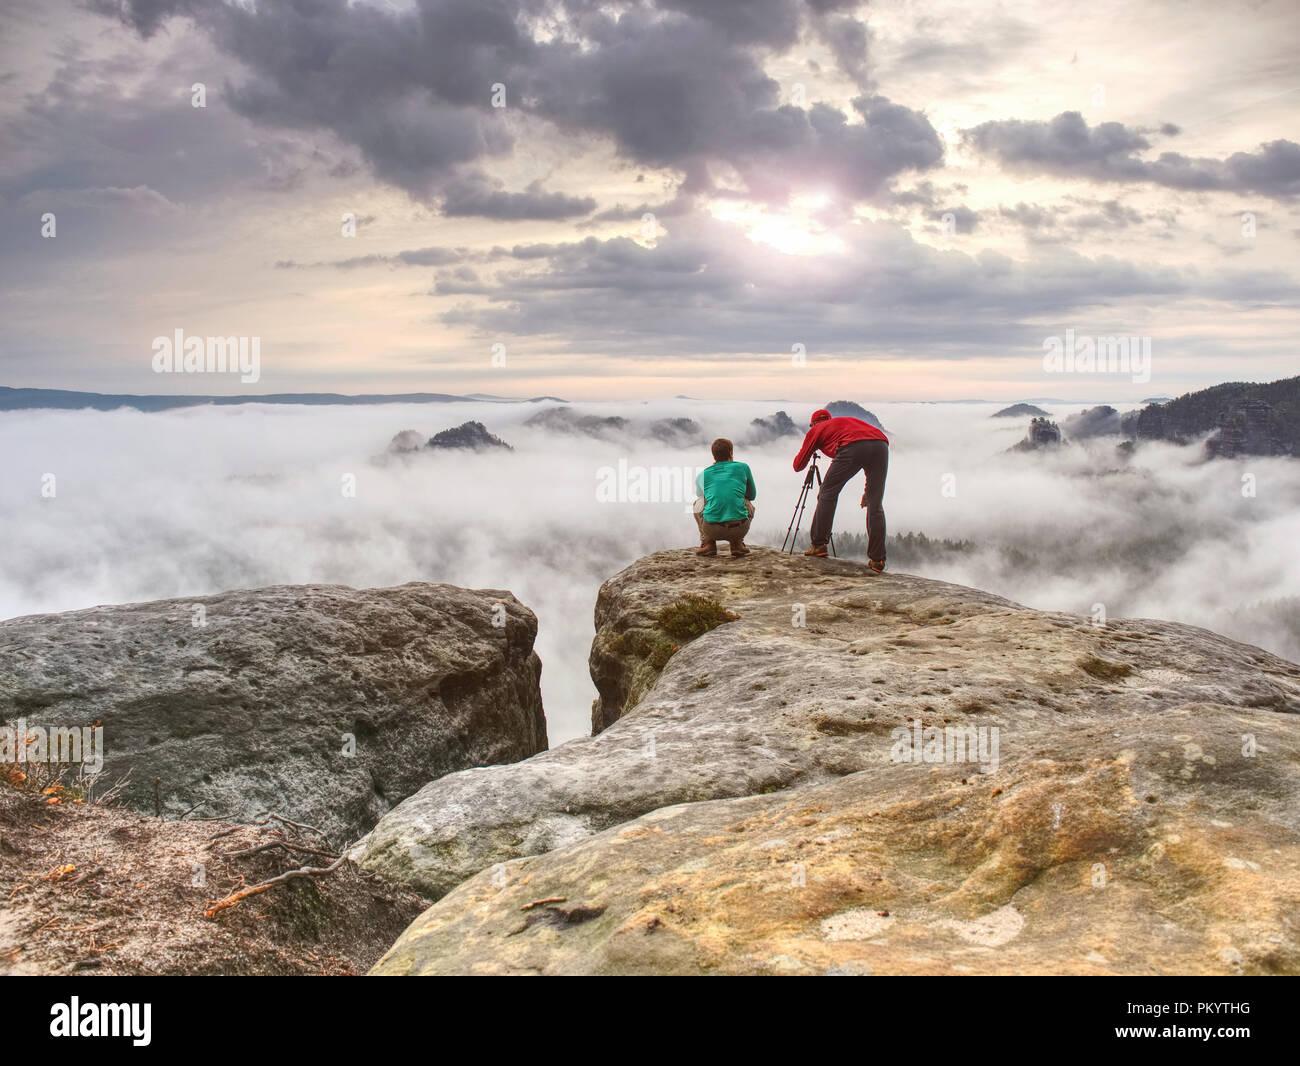 Photographe de voyage nature man vidéo de mountain Lookout. Touriste randonneur photographe professionnel et vidéographe sur aventure shooti Banque D'Images